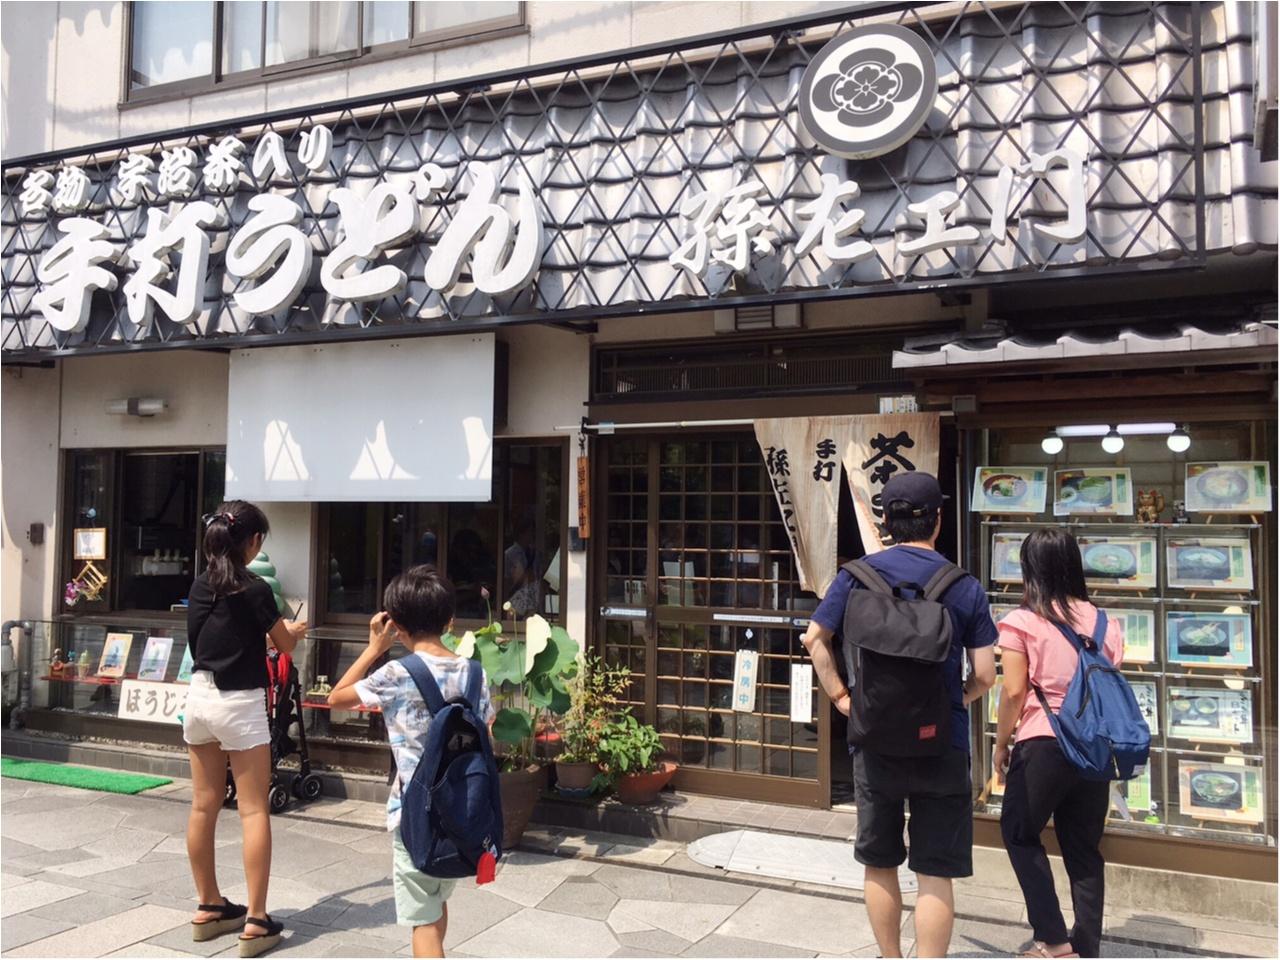 京都宇治に行ったら『茶うどん』を食べるべし!_2